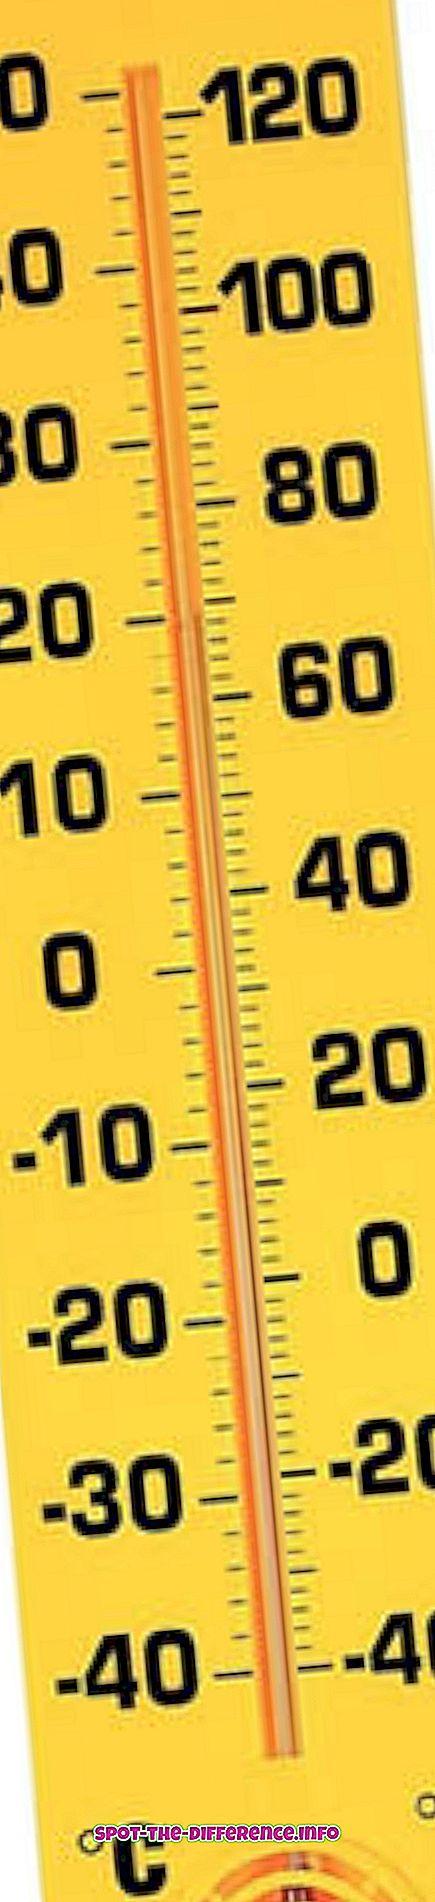 Verschil tussen Celsius en Celsius